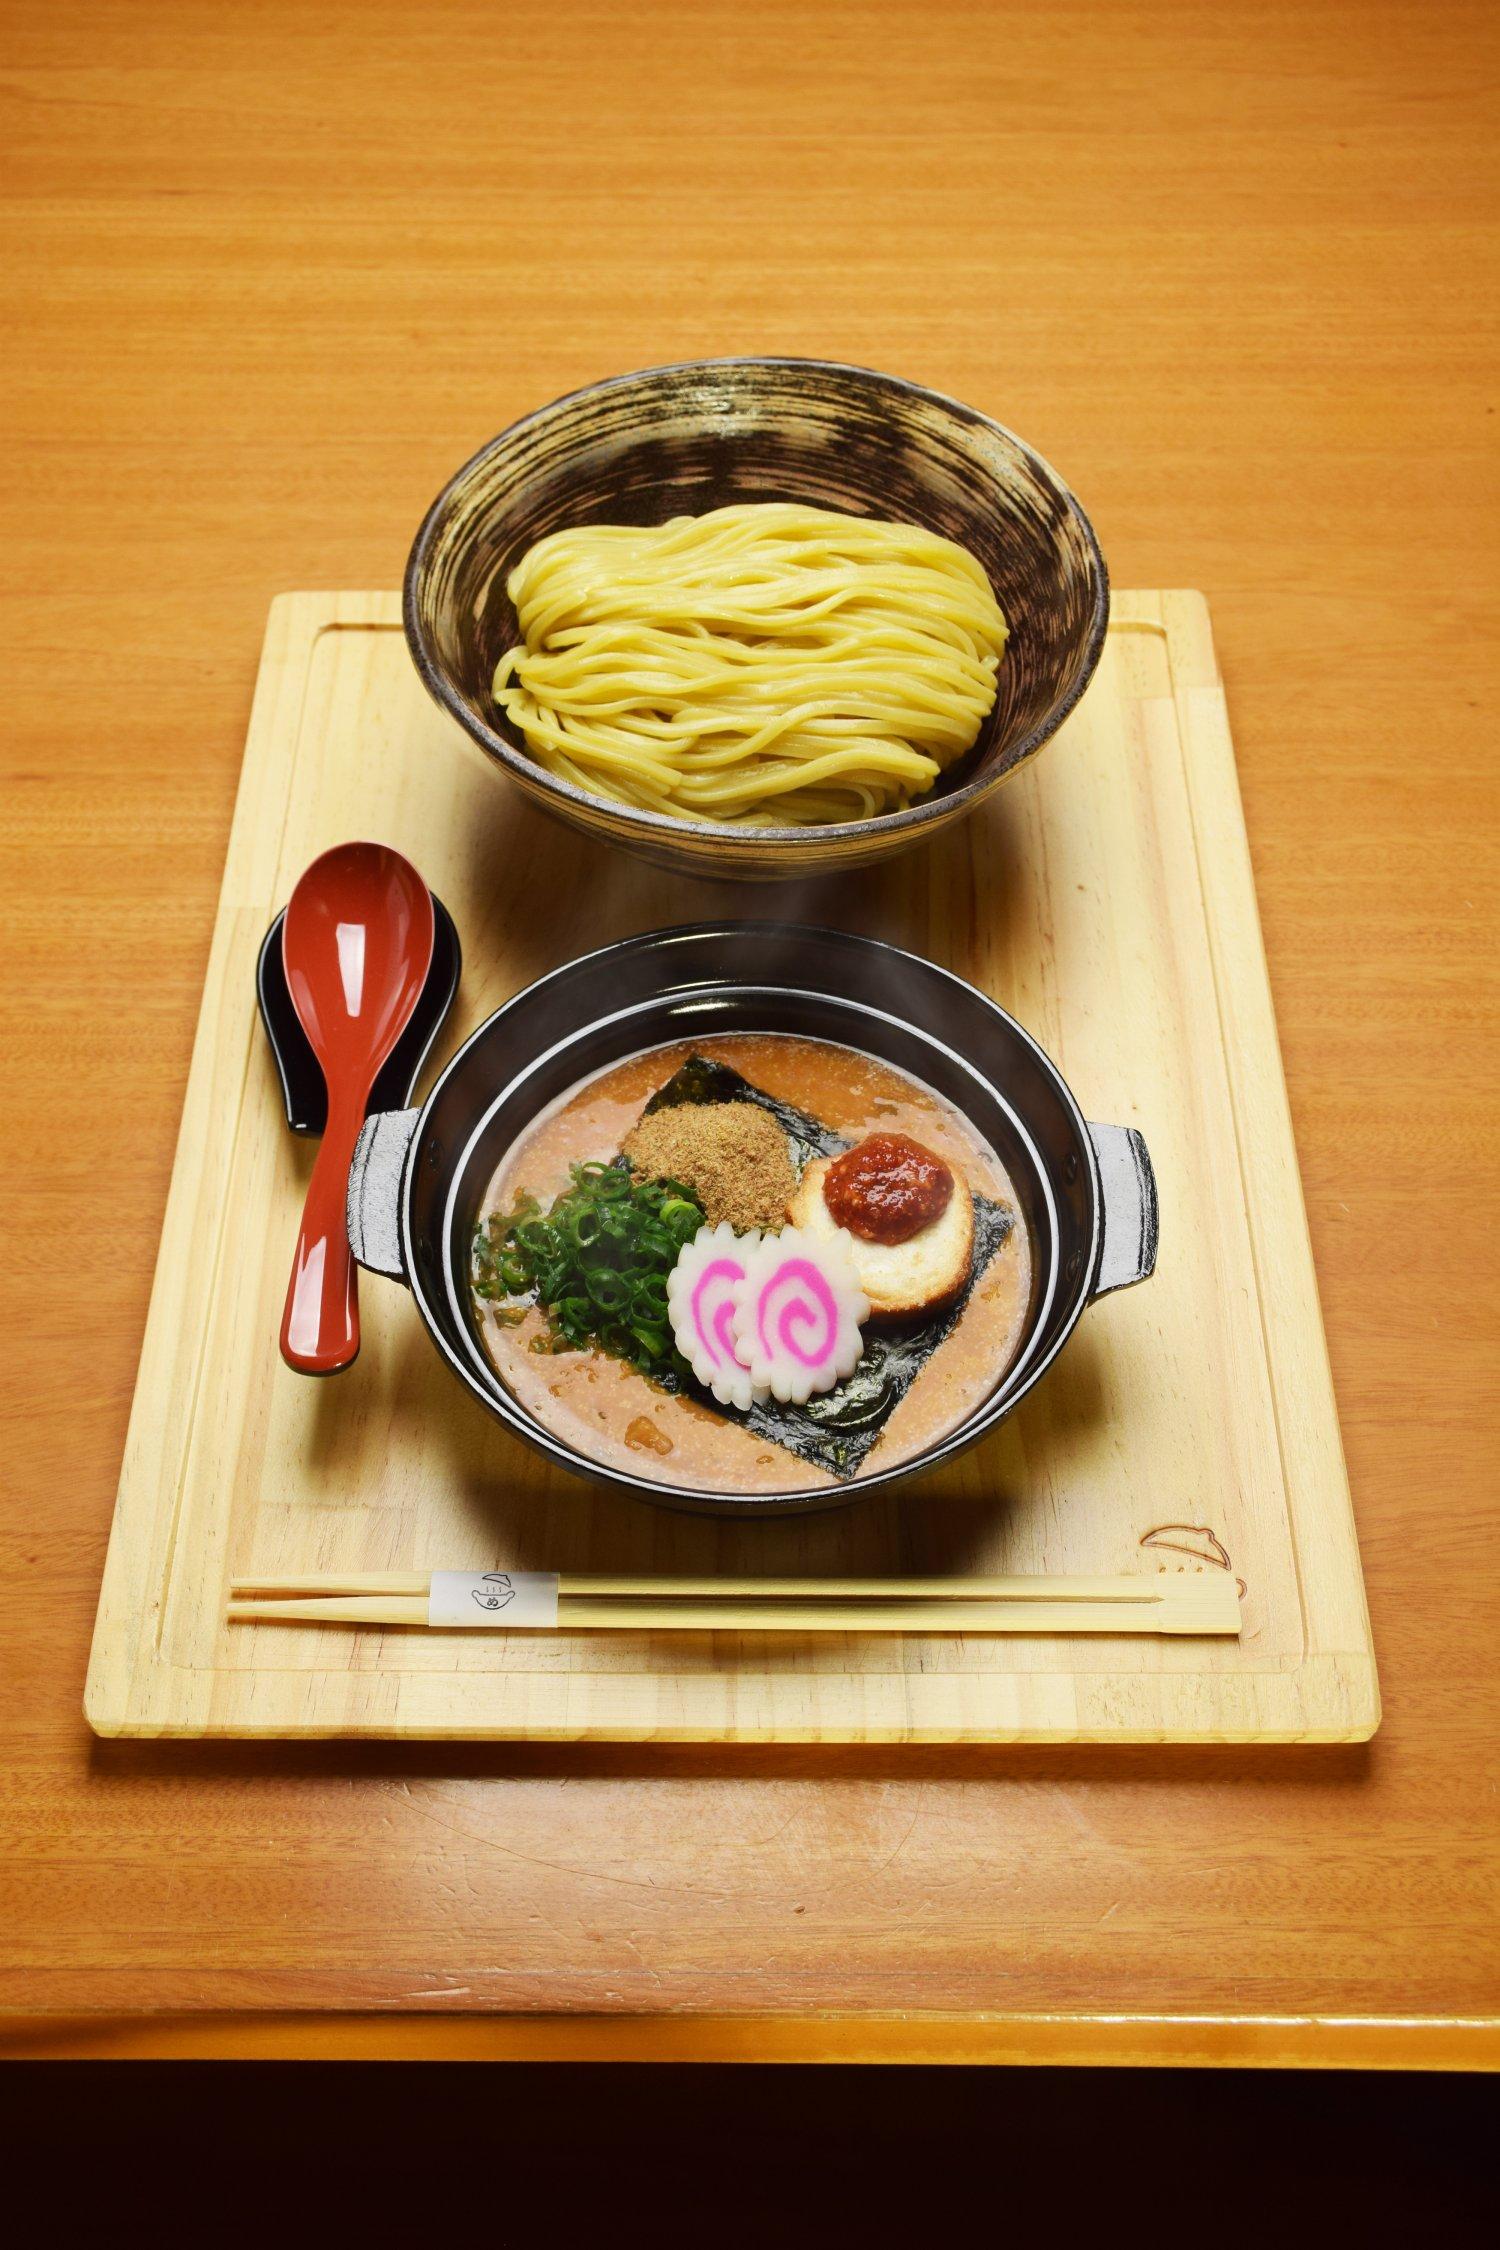 めんたい煮こみつけ麺1408円。麺の量が選択でき、100〜300gが1408円。400gが1716円。